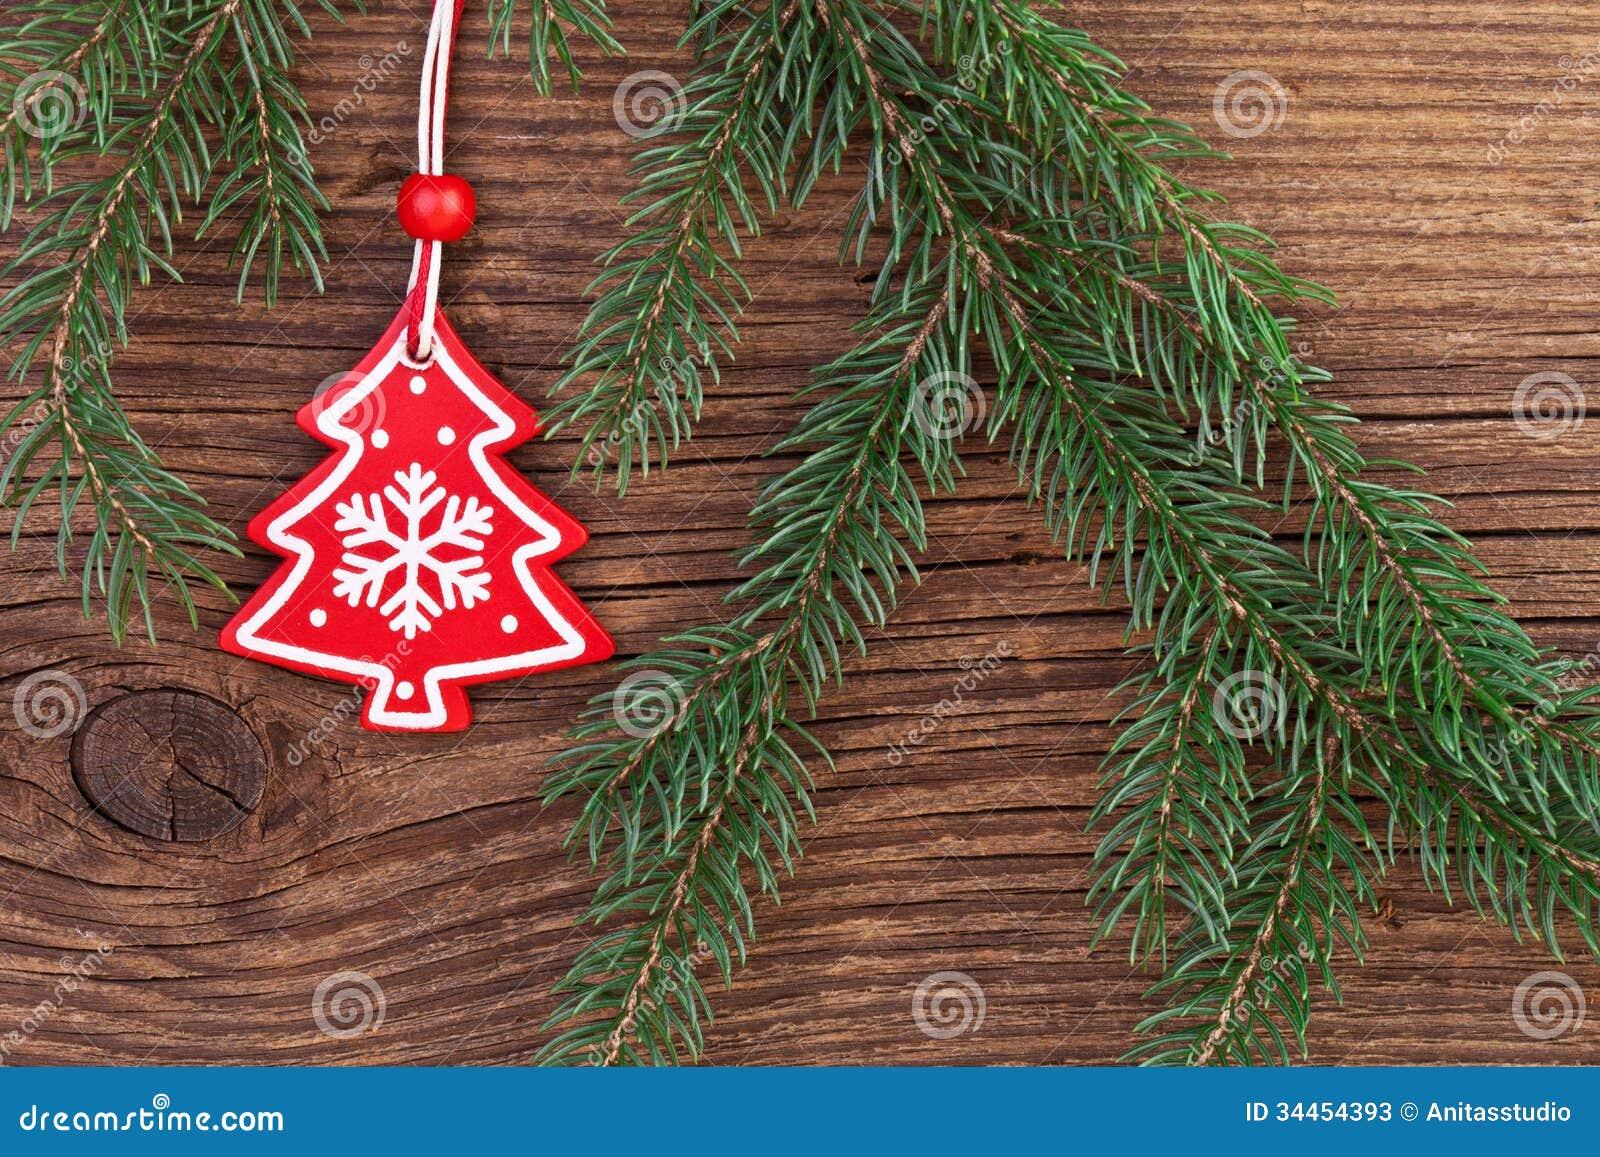 #BB101F Décoration De Noël Avec La Branche De Sapin Au Dessus Du  6371 decoration noel exterieur avec branche sapin 1300x957 px @ aertt.com